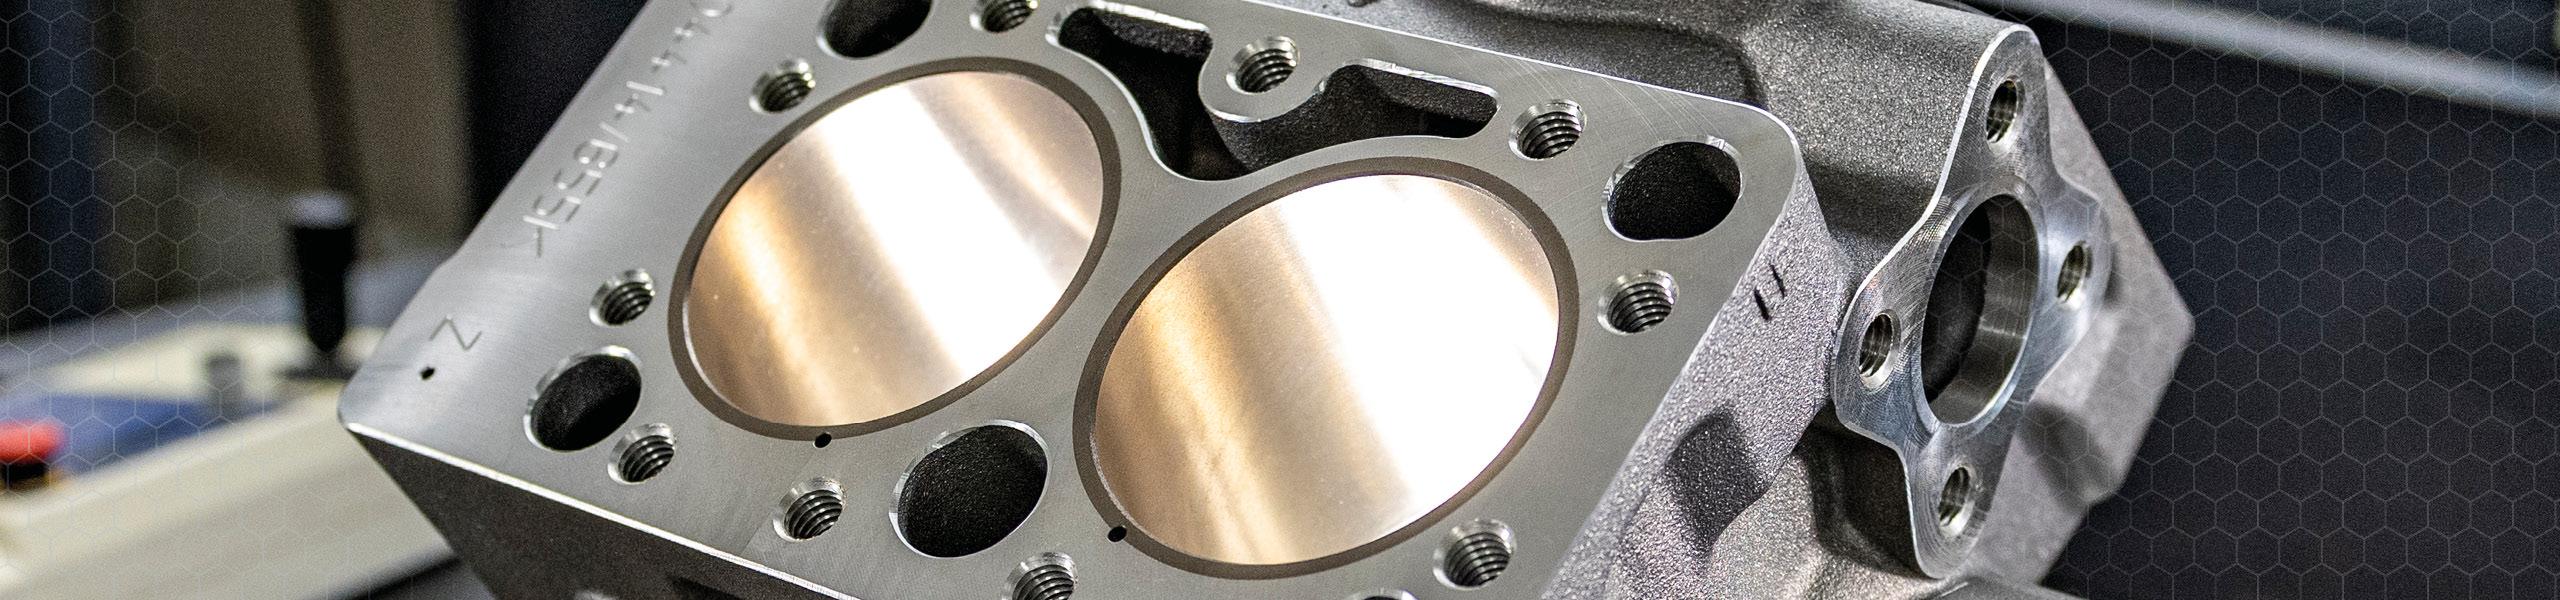 Baugruppenfertigung bei Zeh Präzisionsteile Illertissen - Kurbelgehäuse mit Zylinderbank eines Kompressors